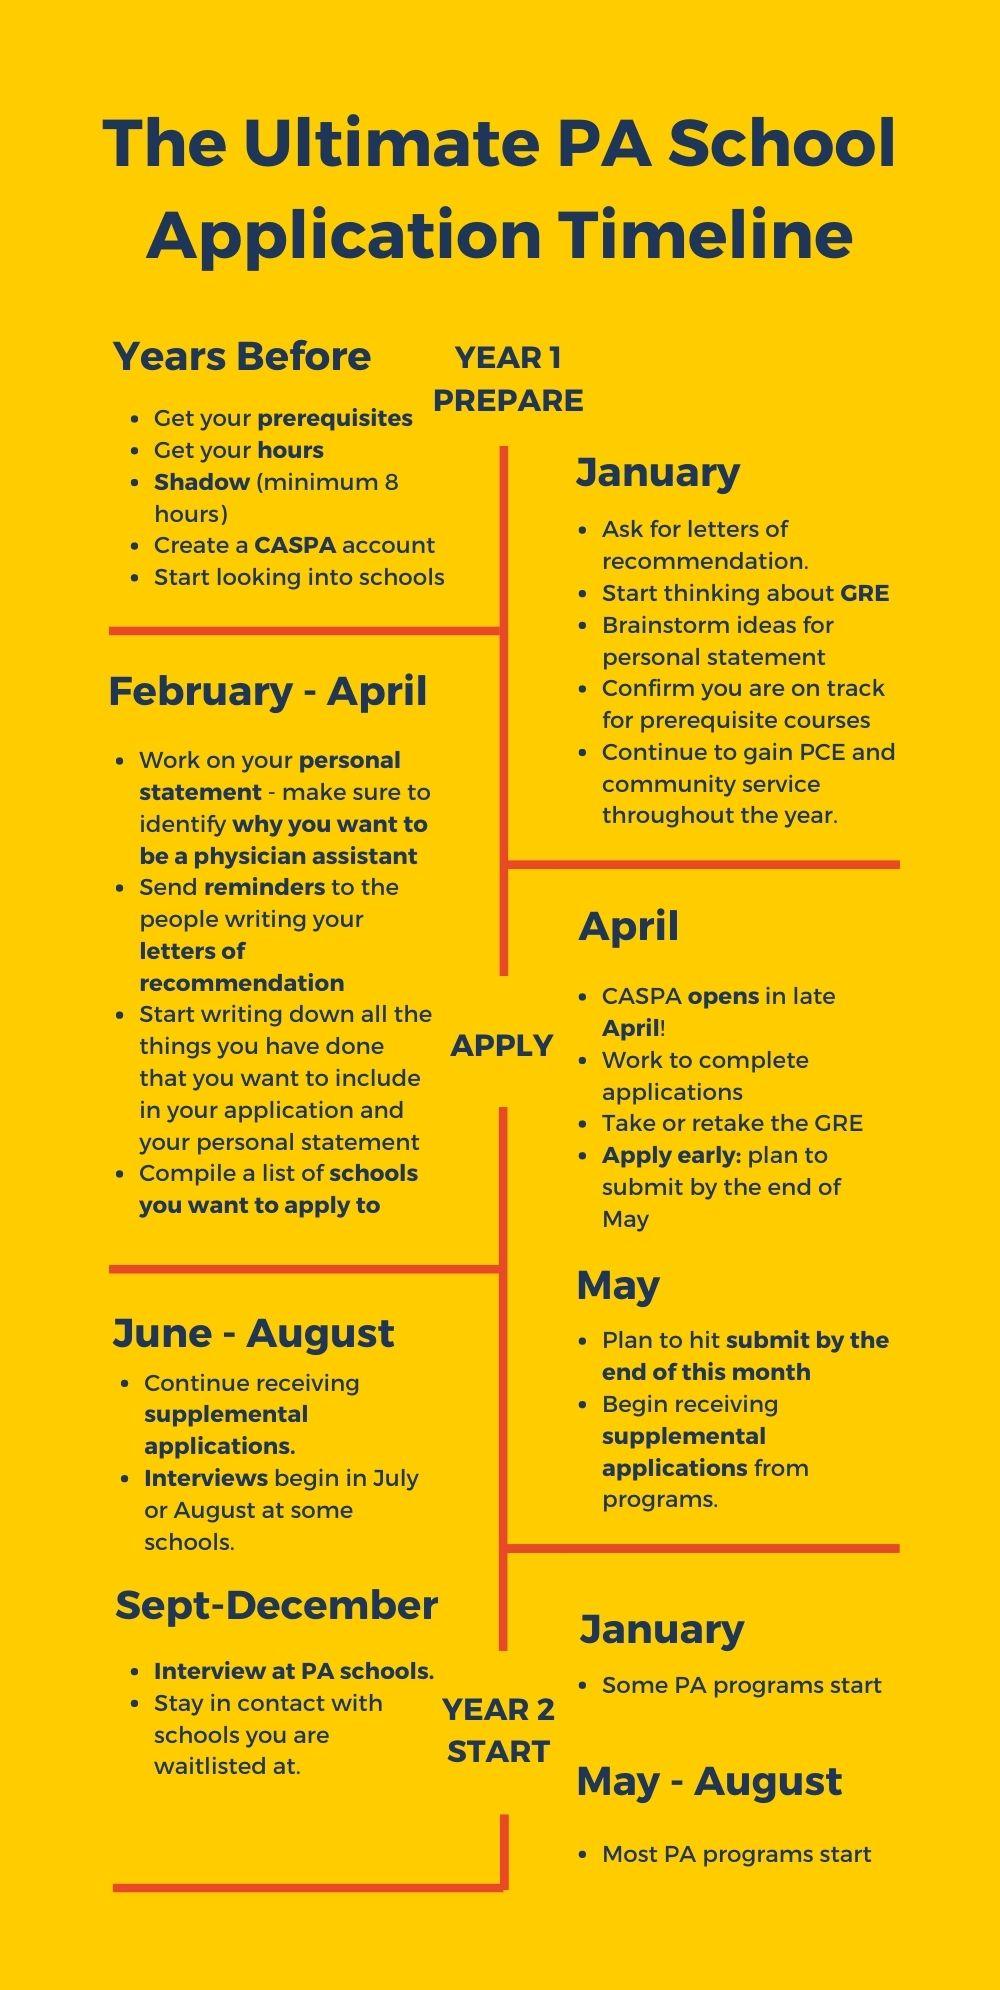 PA School Application Timeline